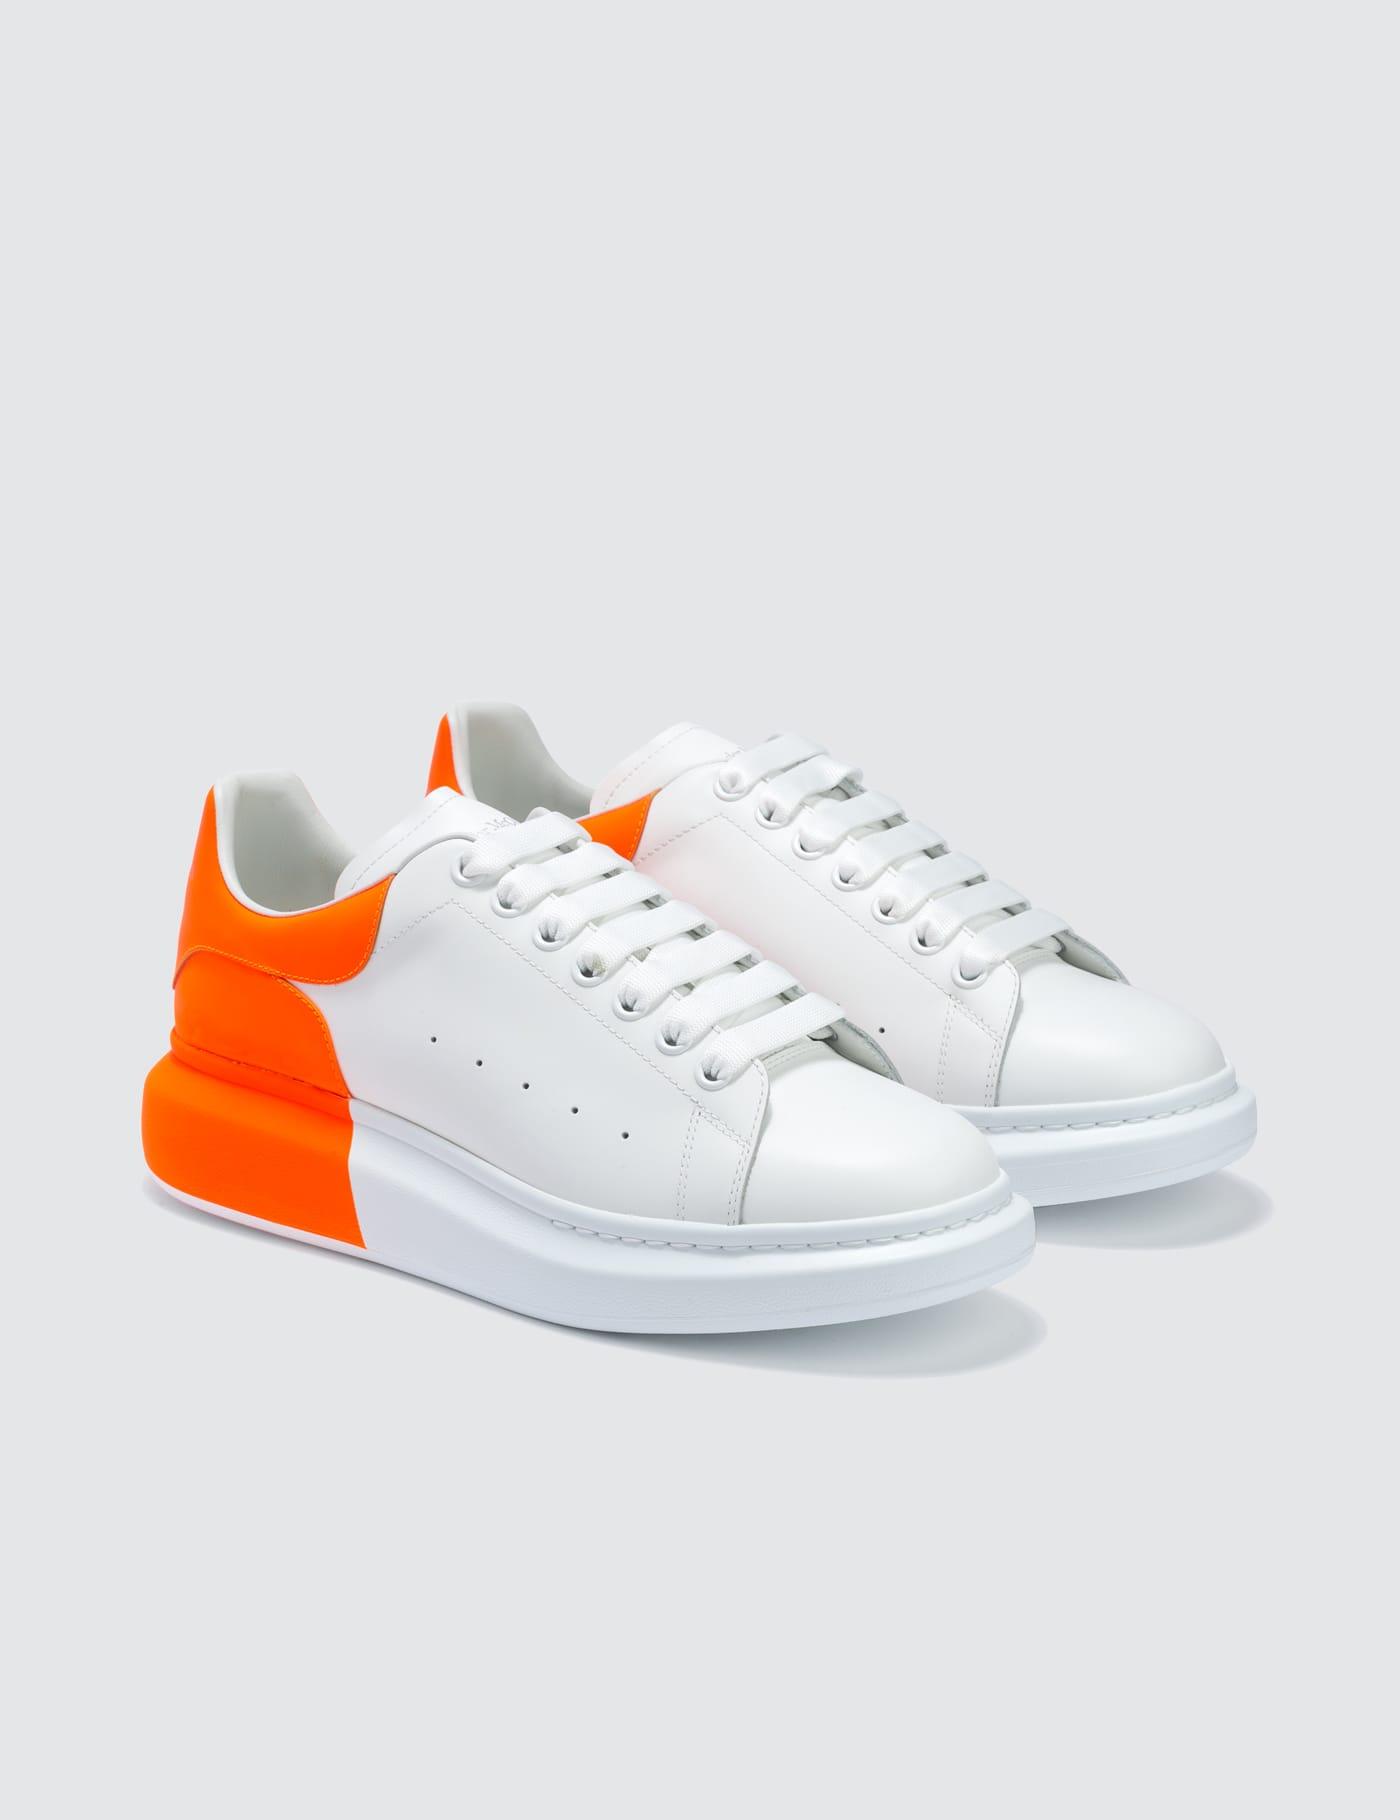 Alexander McQueen - Oversized Sneaker | HBX